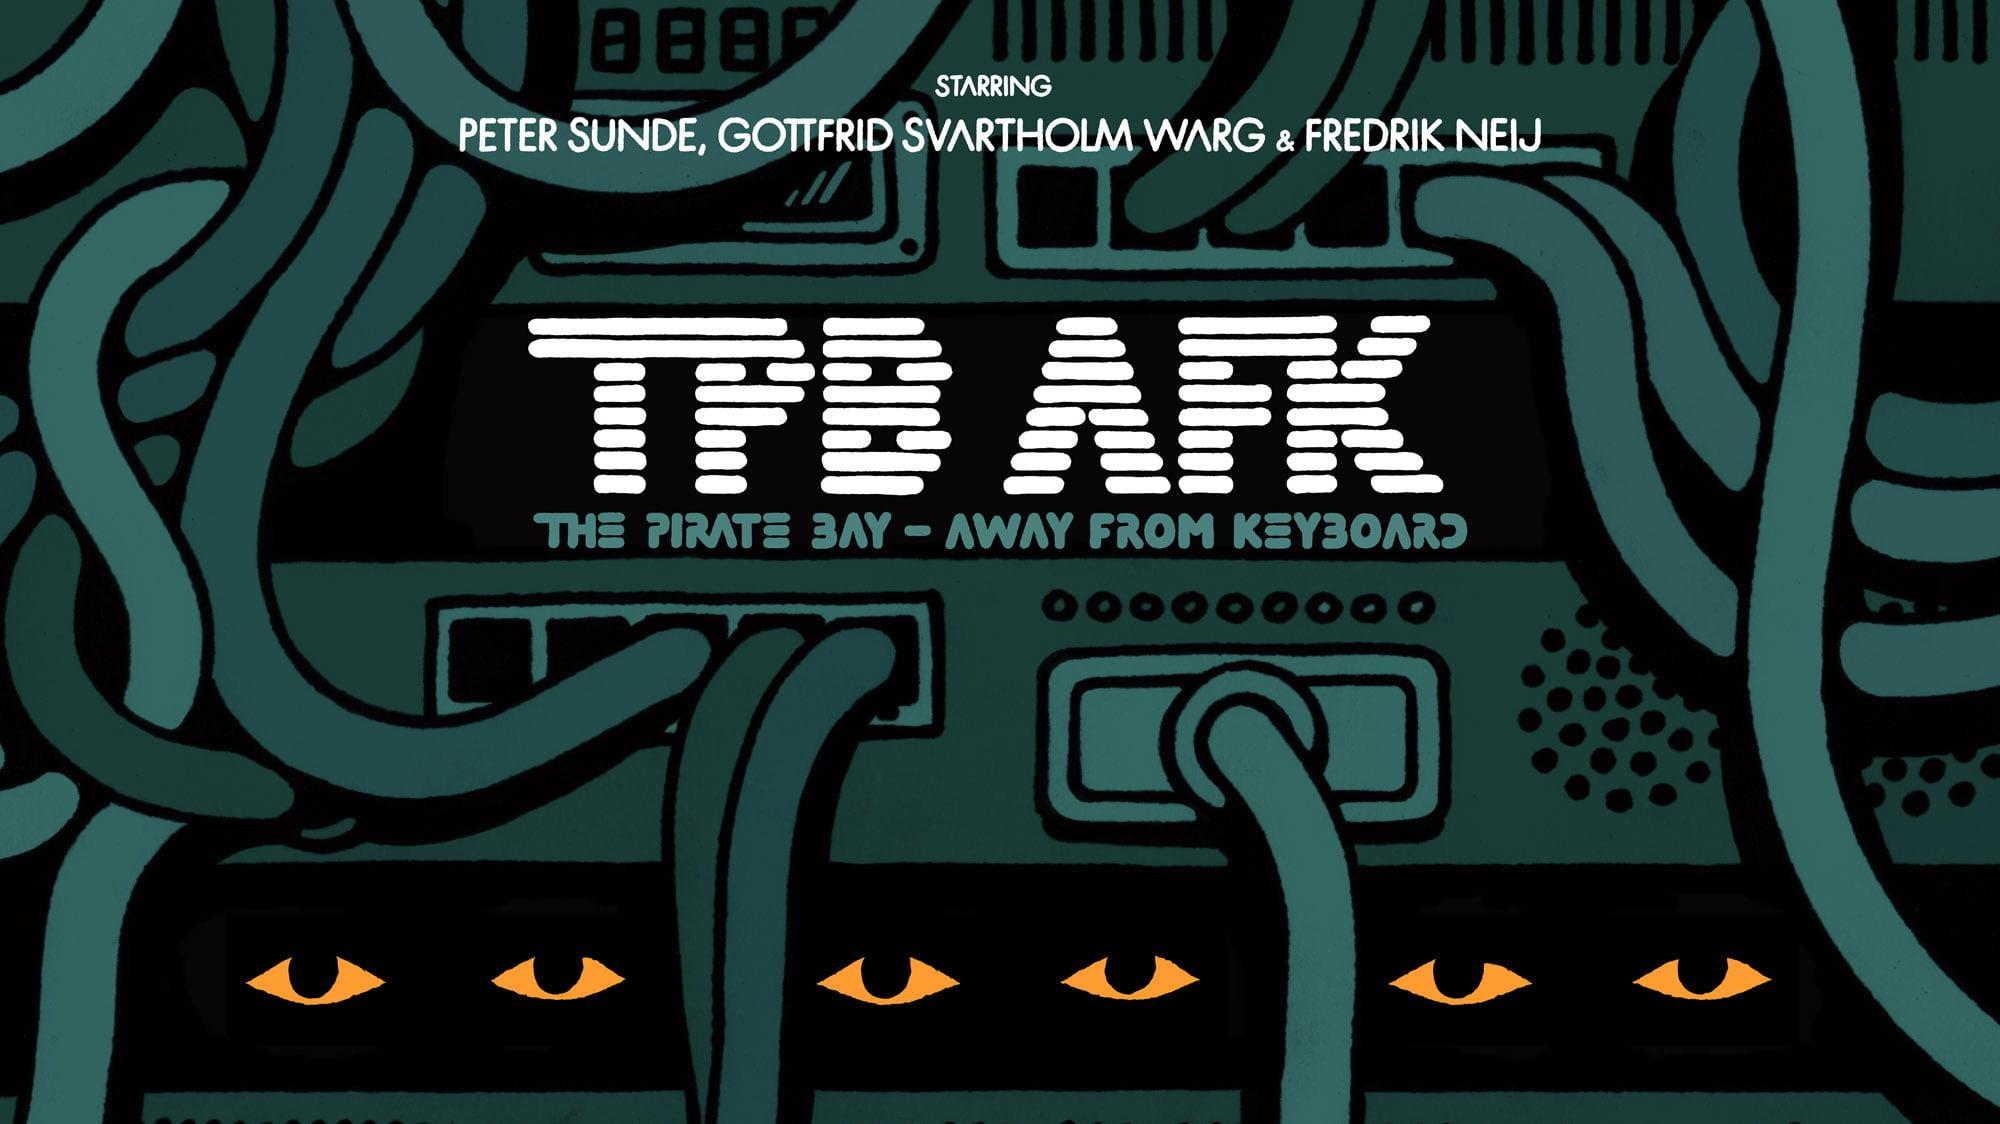 Пиратская бухта: В удалении от клавиатуры